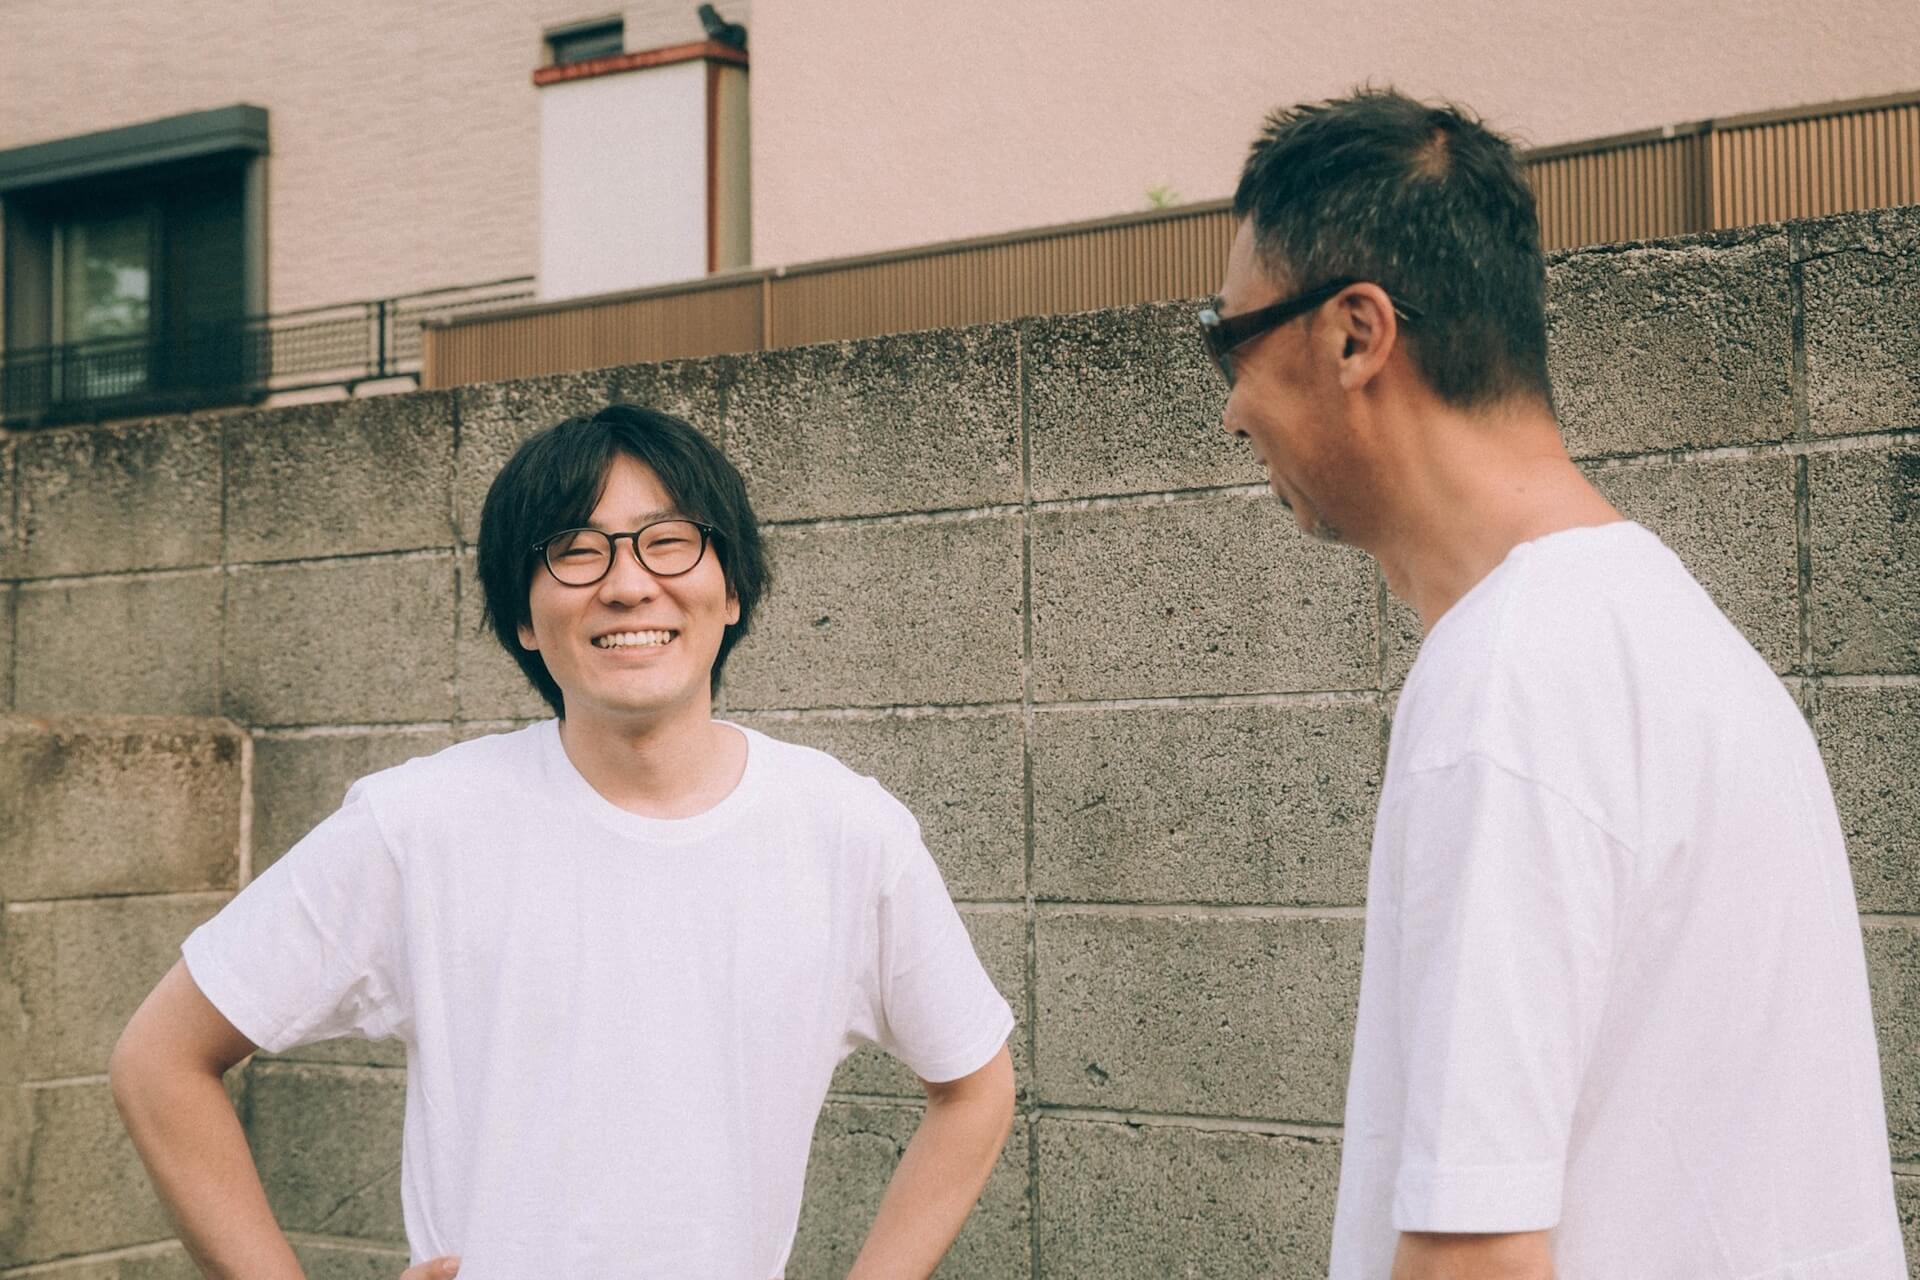 神谷亮佑×カンパニー松尾 対談|GEZAN映画『Tribe Called Discord』に存在する問いかけについて interview-gezan-film-12